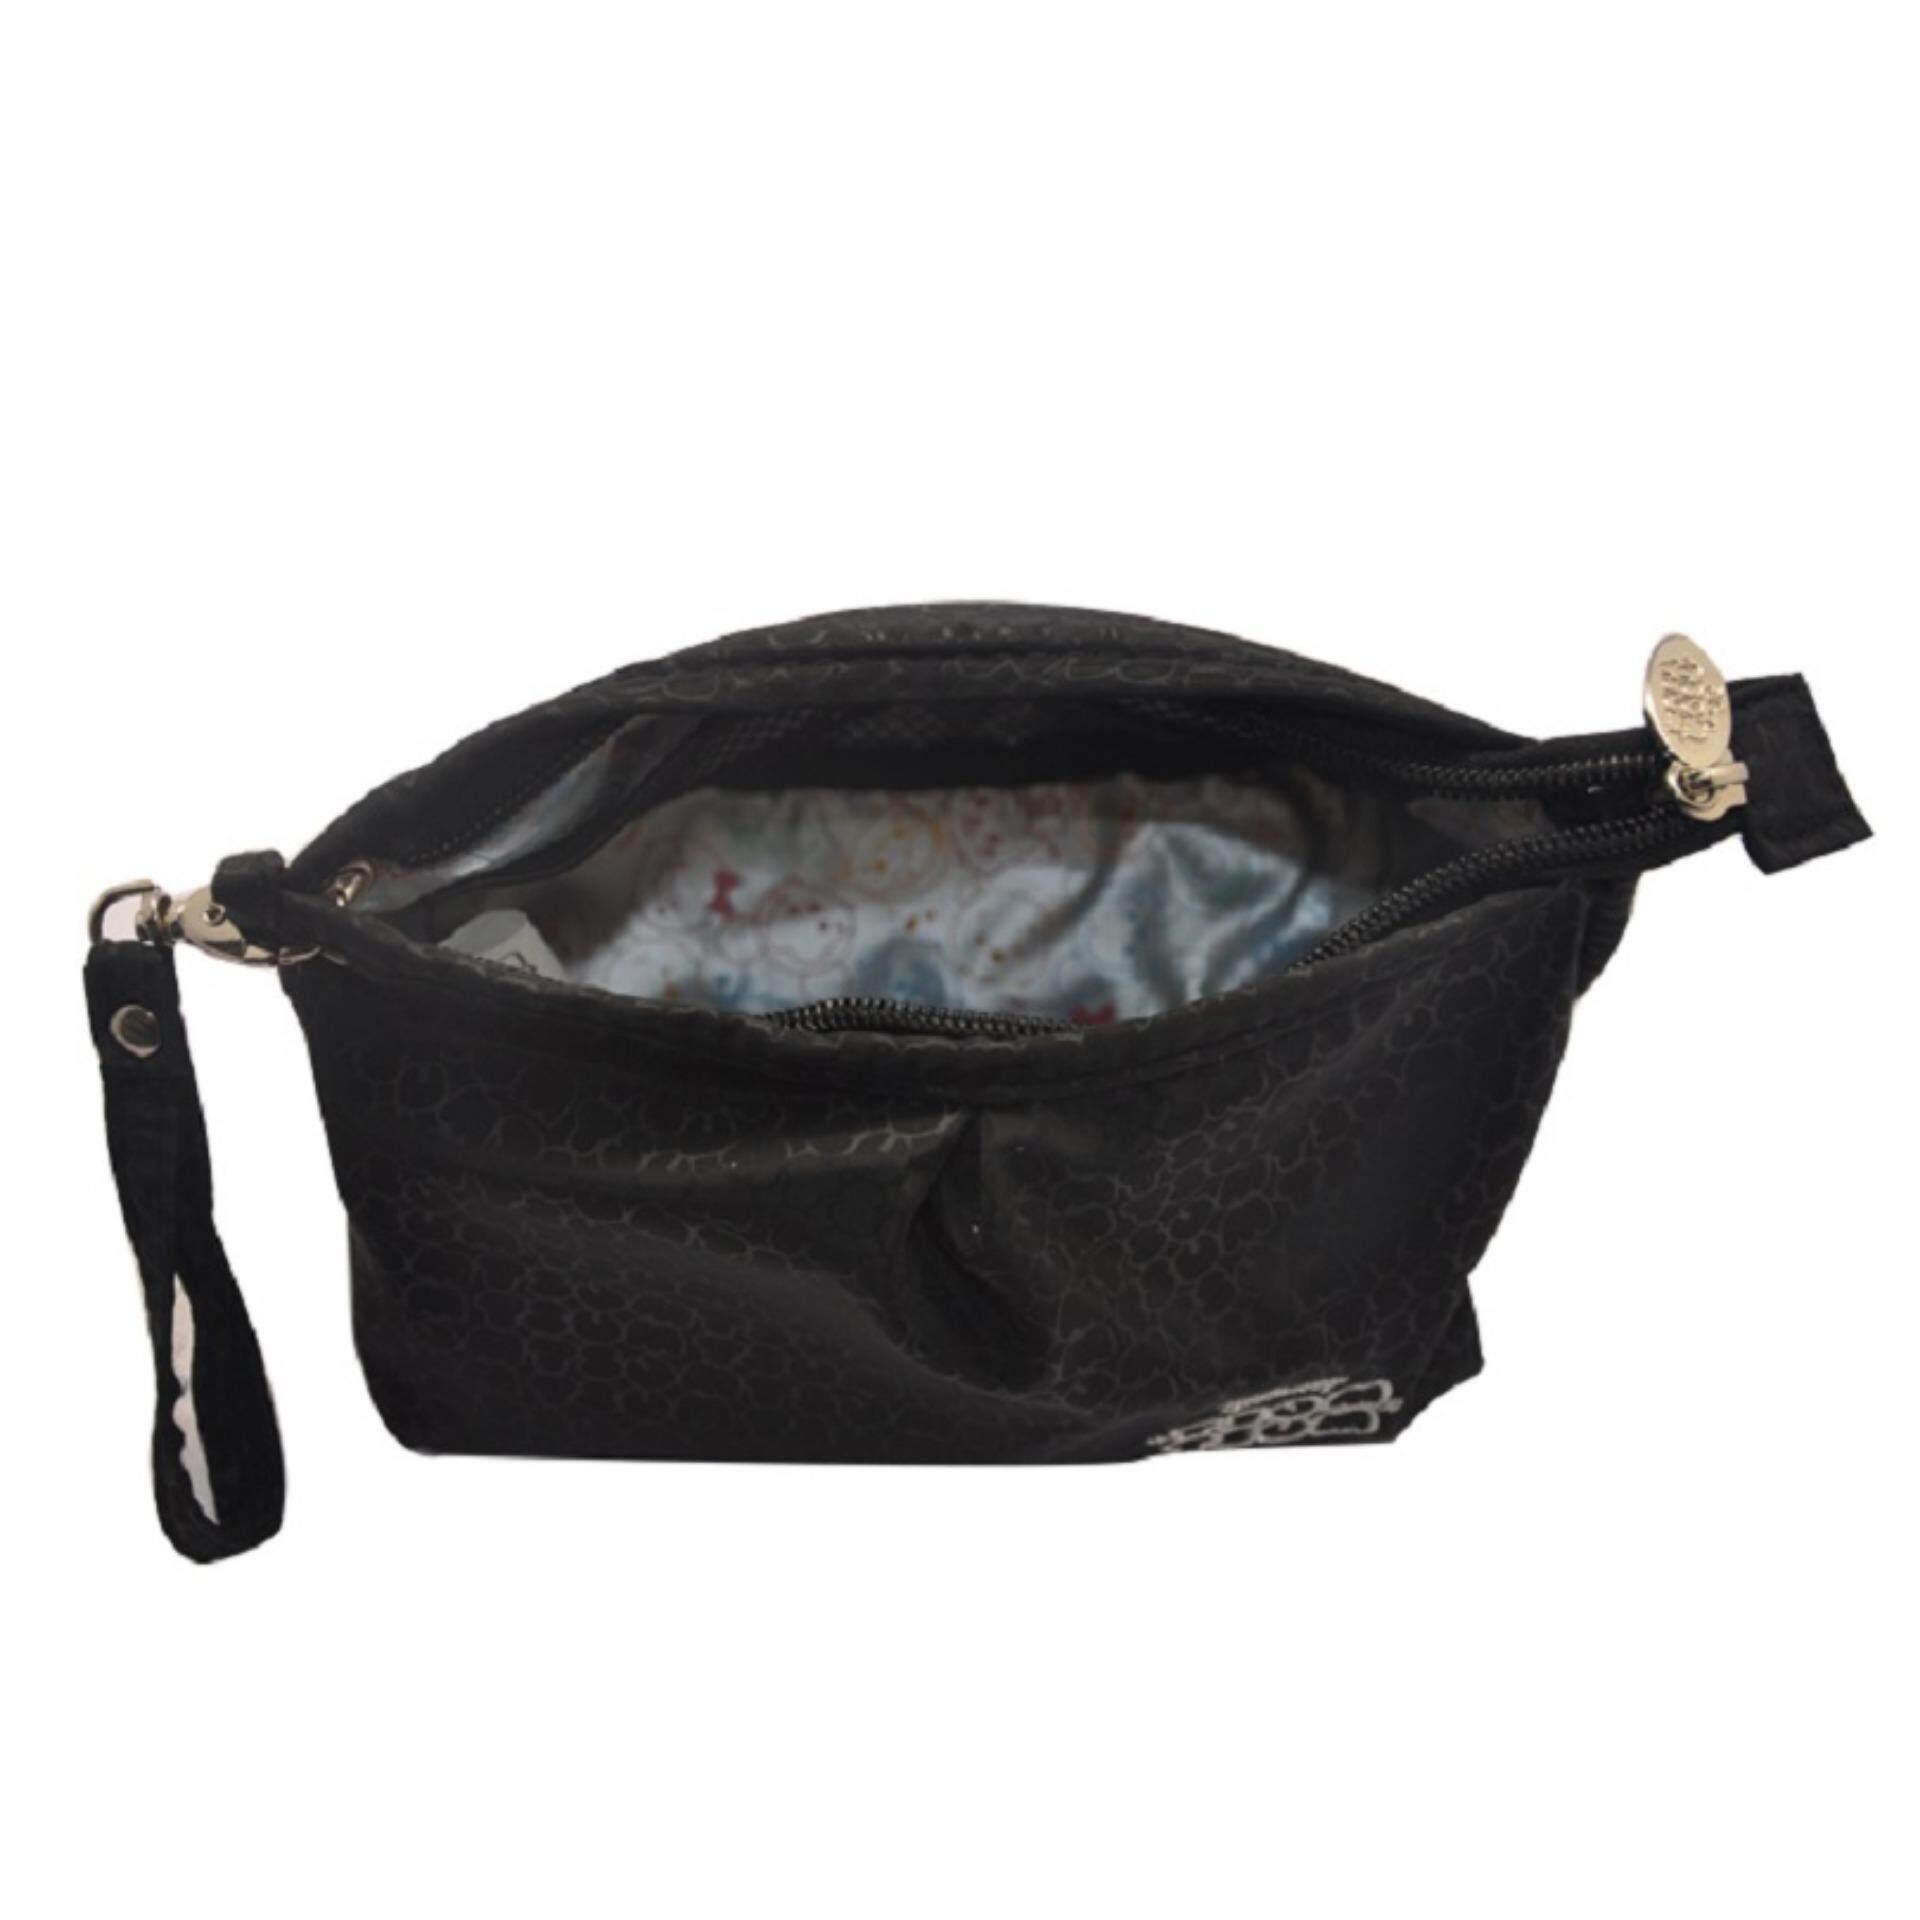 Disney Tsum Tsum Cosmetic Bag - Black Colour